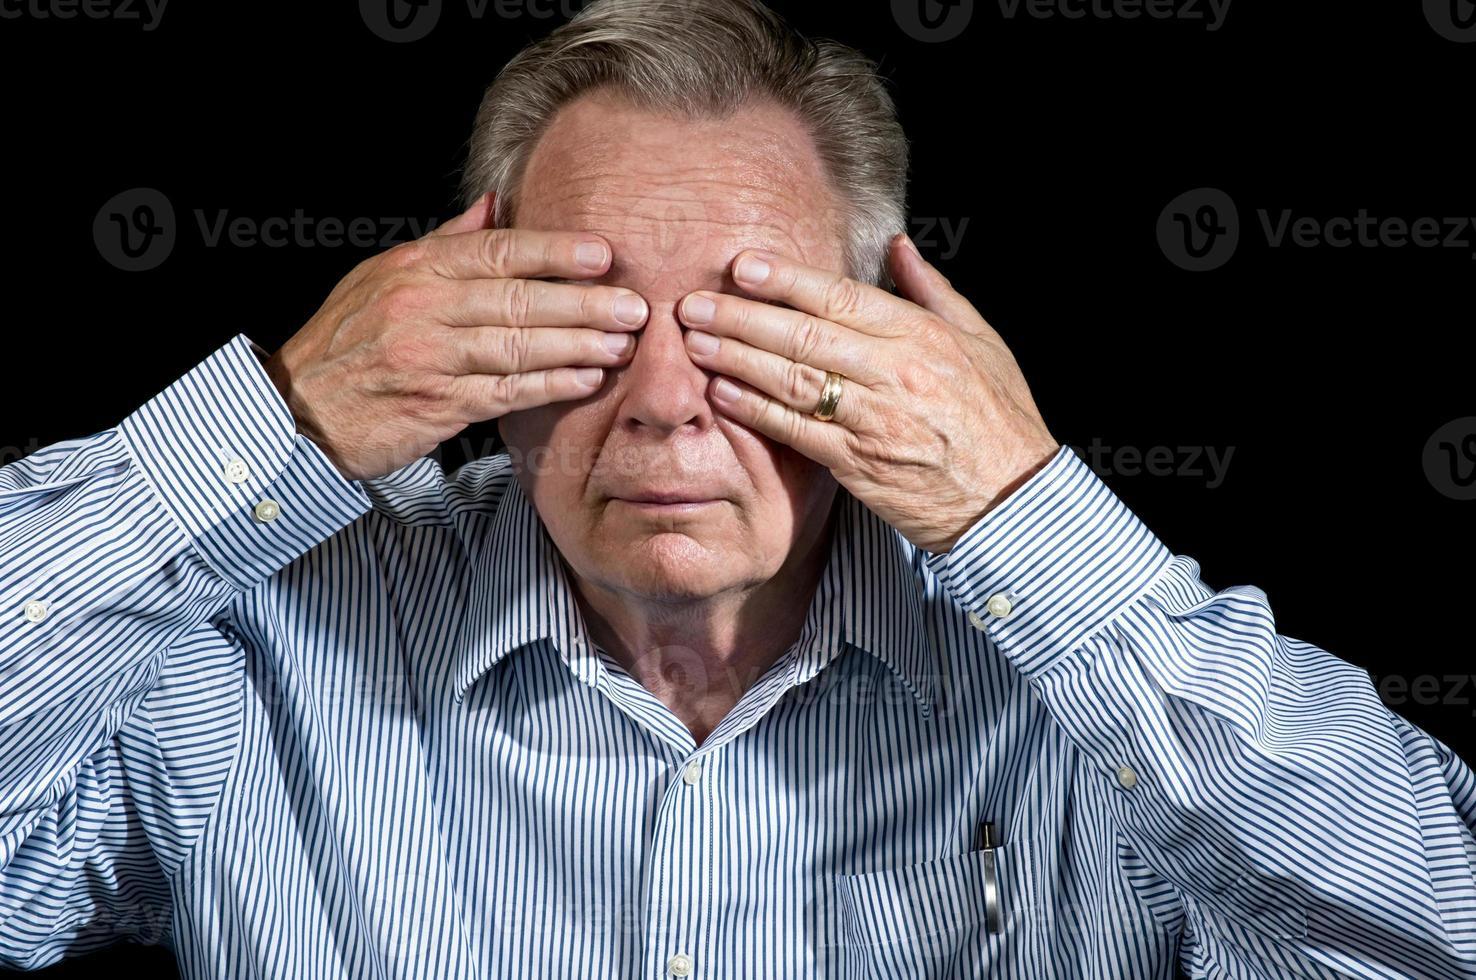 Geschäftsmann mit Händen auf Augen gestikulierend sehen nichts Böses foto